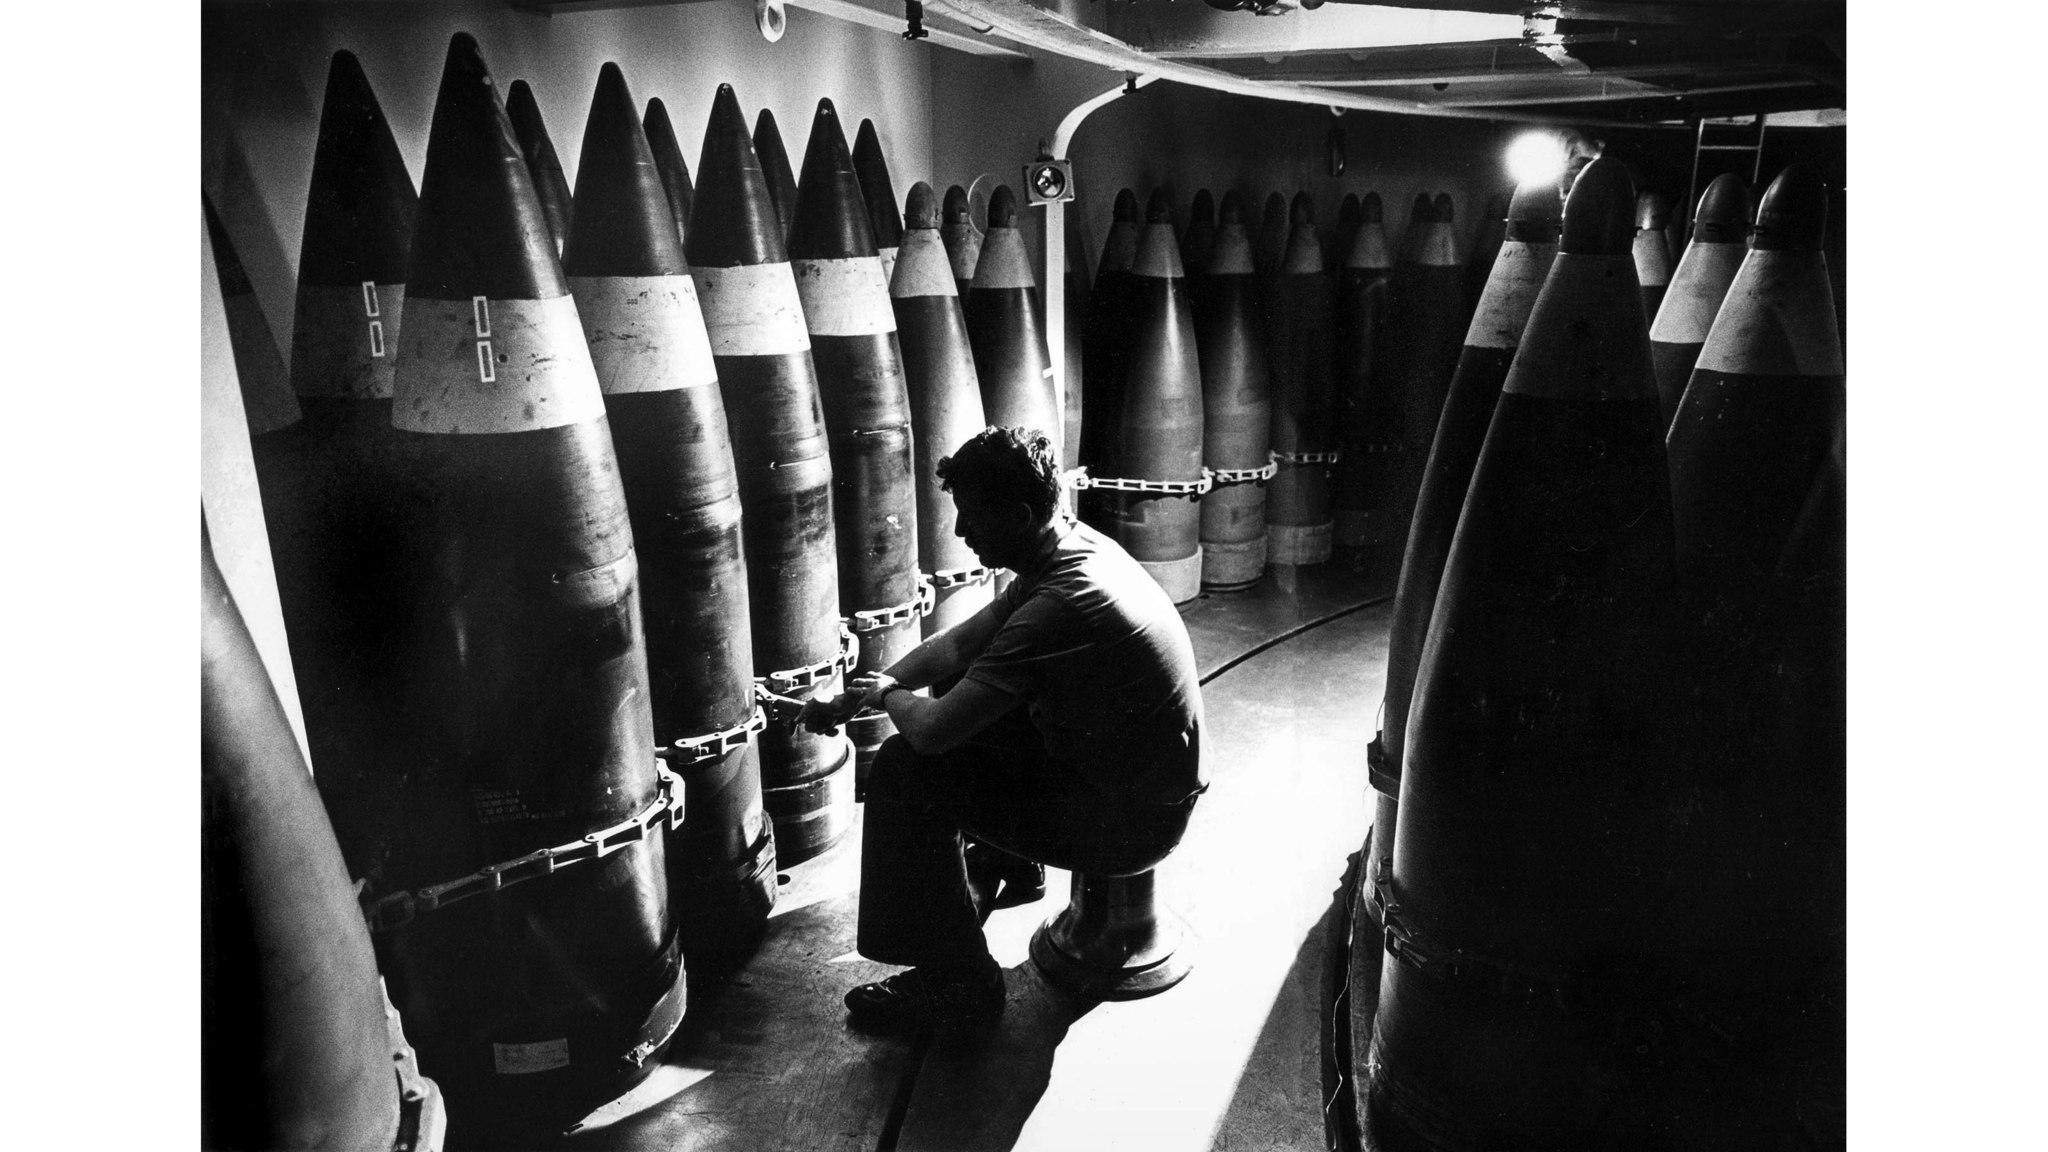 July 2, 1987: Gunners mate Bill Allen does maintenance on 16 inch shells, deep inside the USS Missou